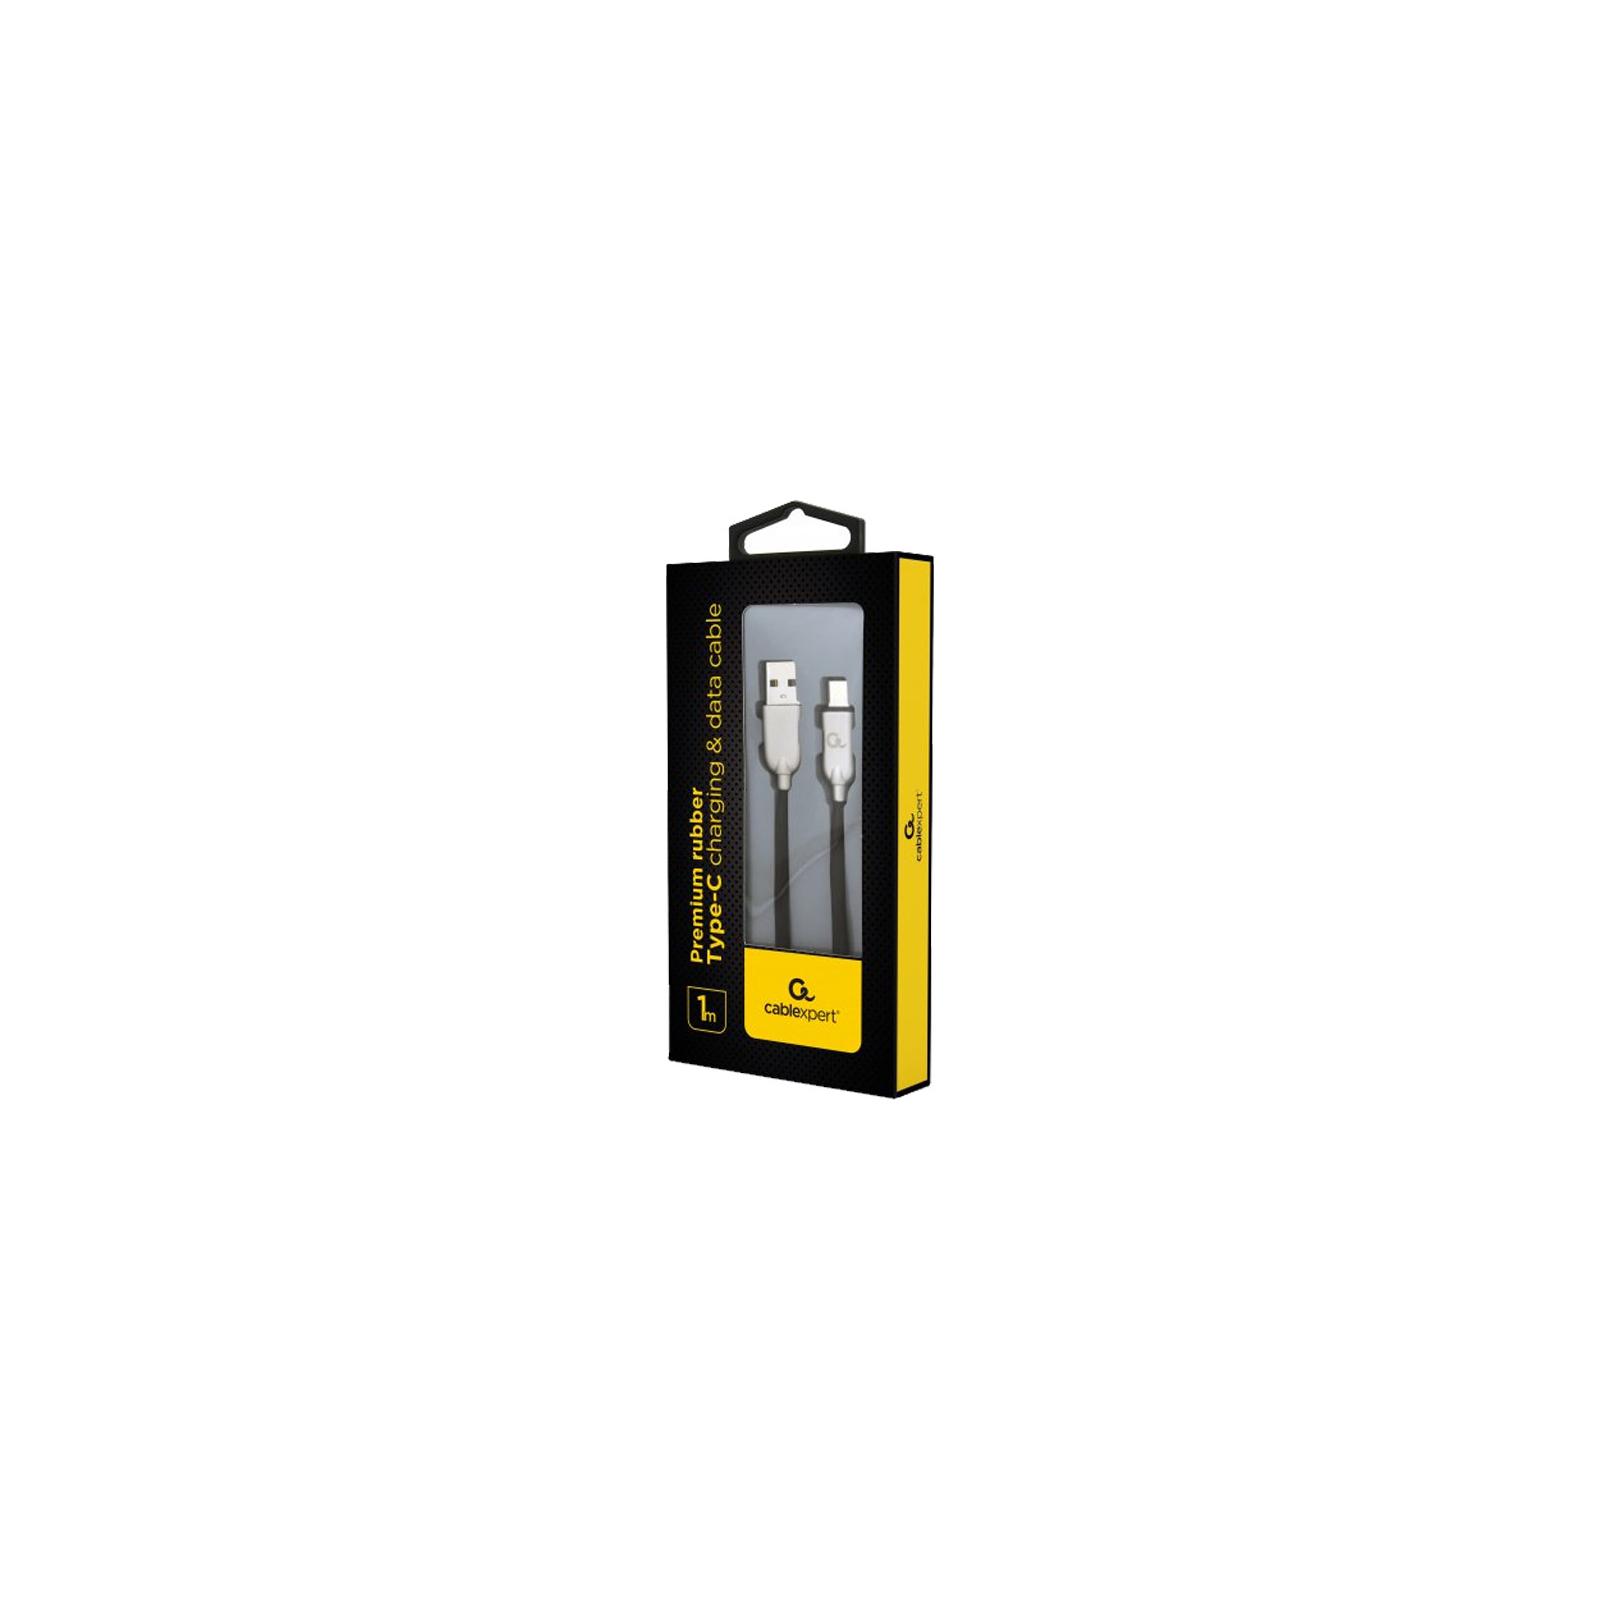 Дата кабель USB 2.0 AM to Type-C 1.0m Cablexpert (CC-USB2R-AMCM-1M-R) изображение 2